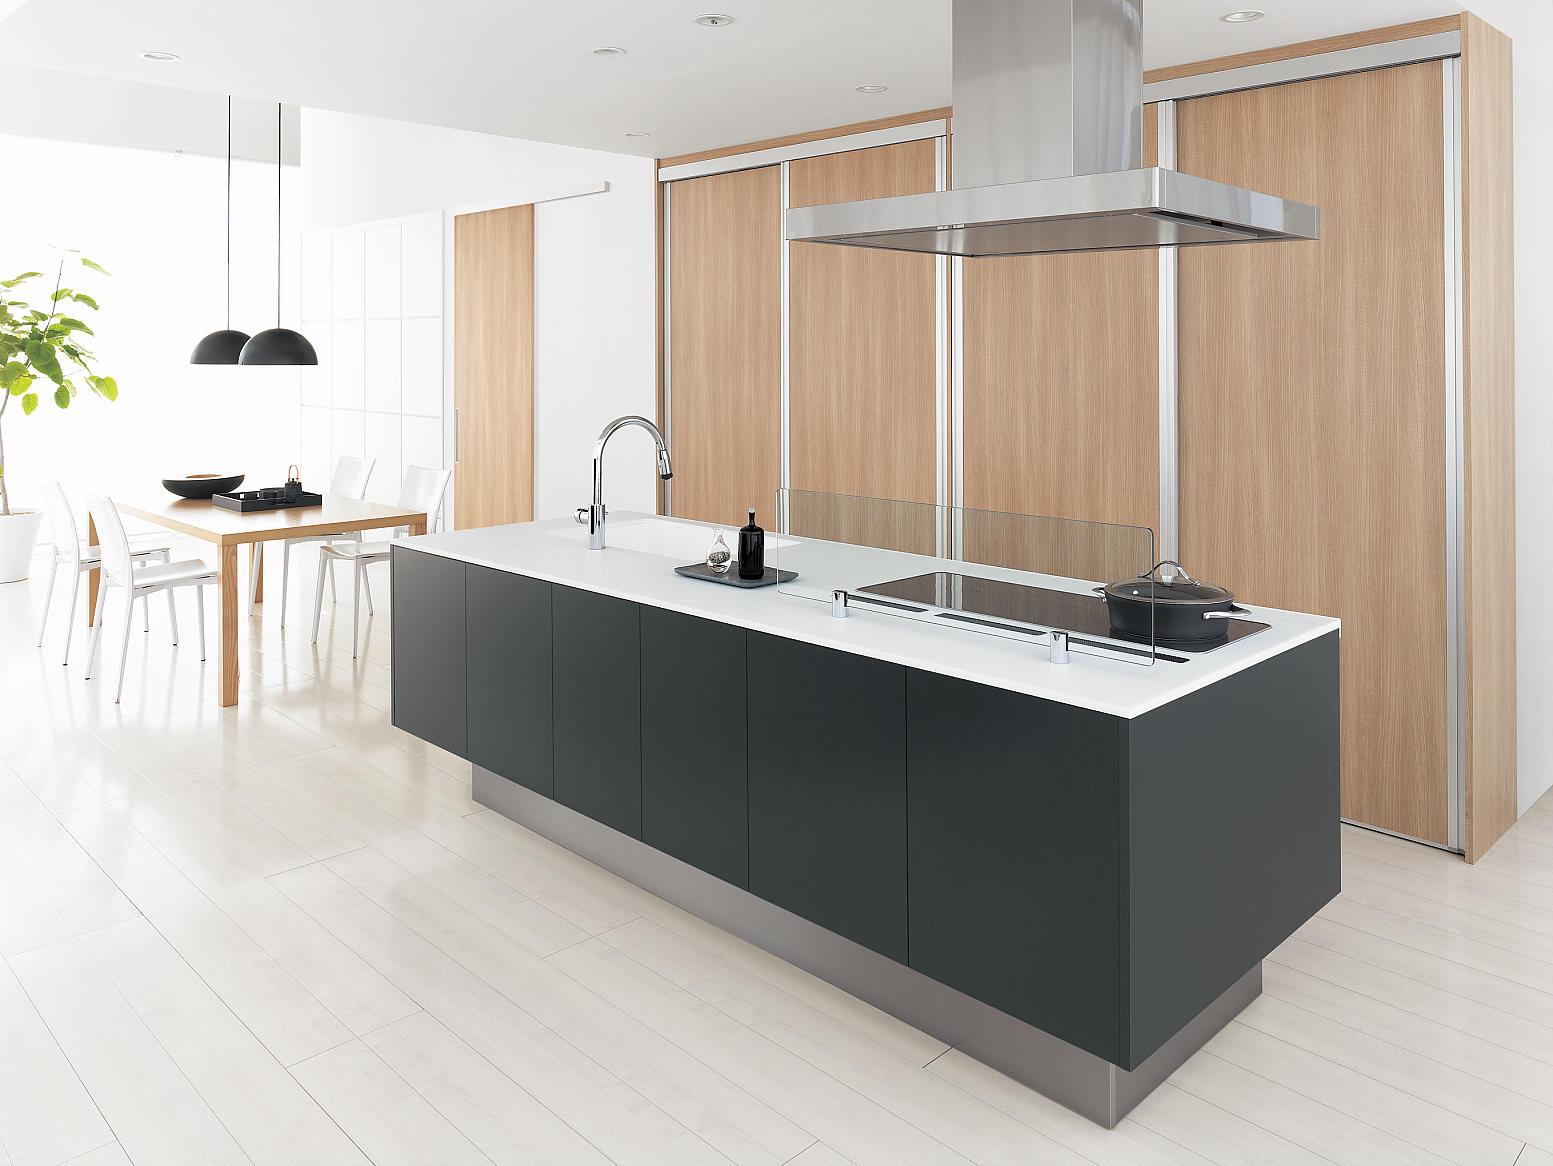 キッチンリフォームと作業効率